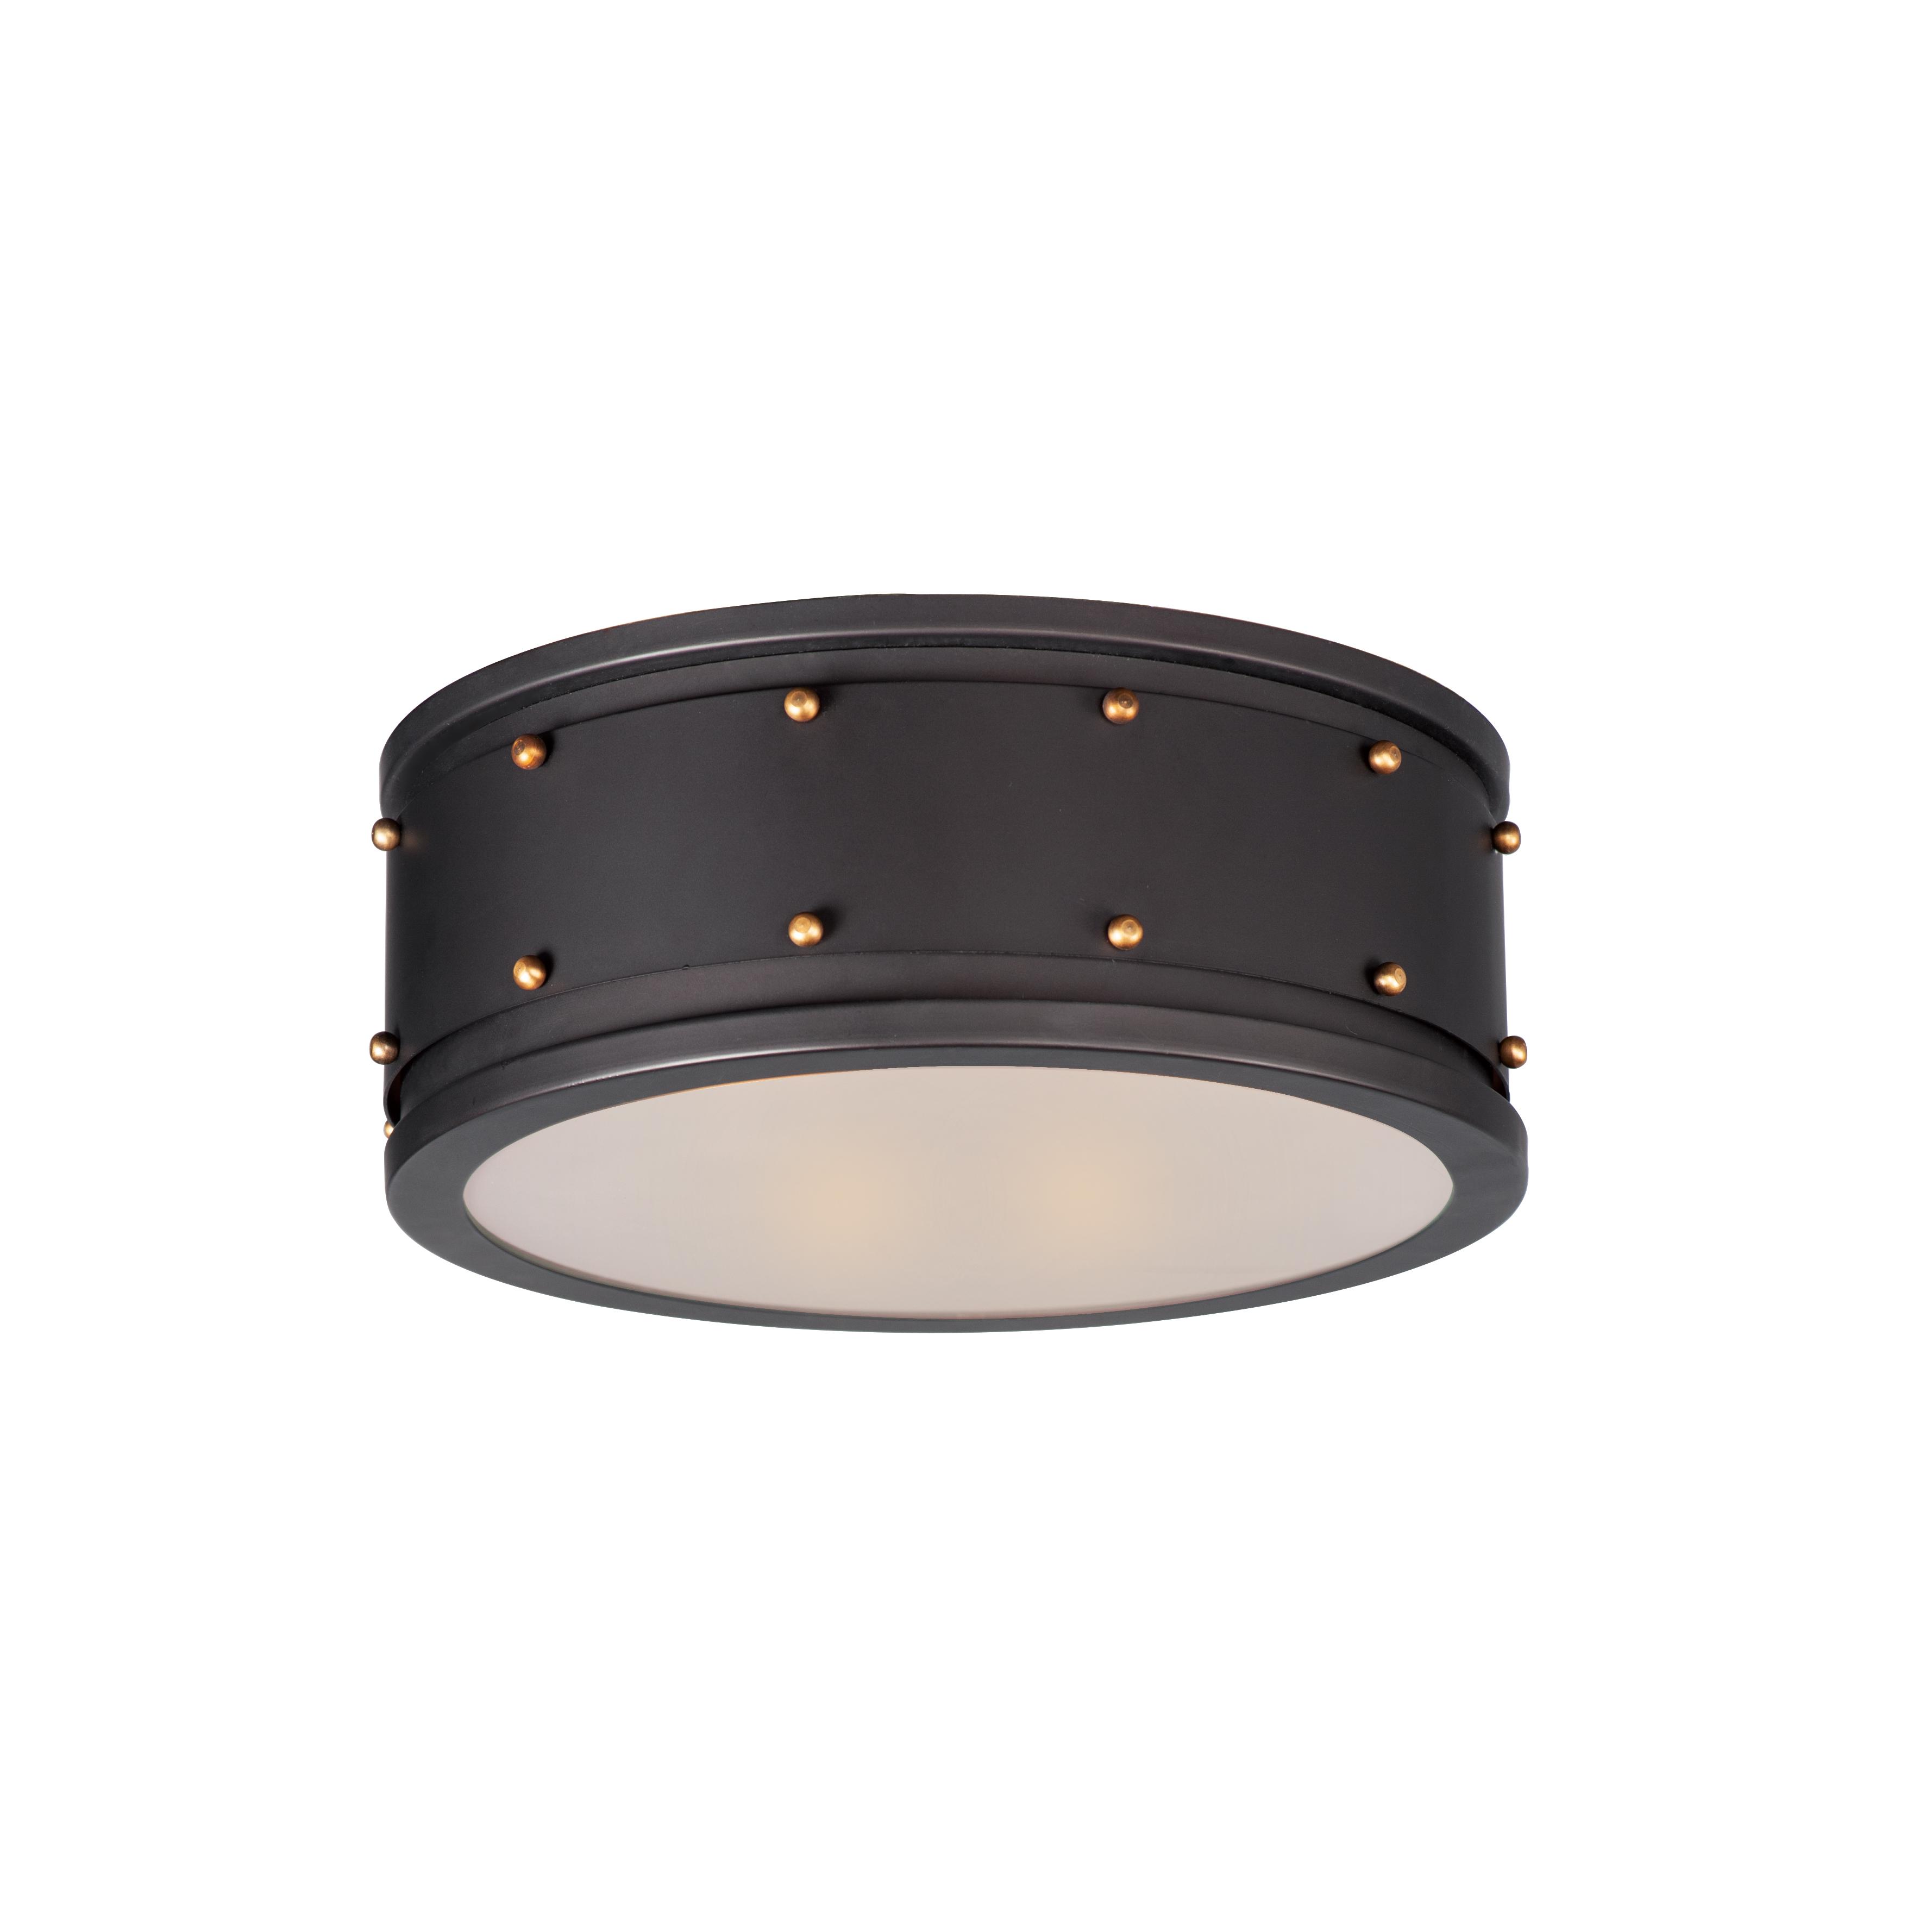 Trestle 2-Light Flush Mount | Maxim Lighting